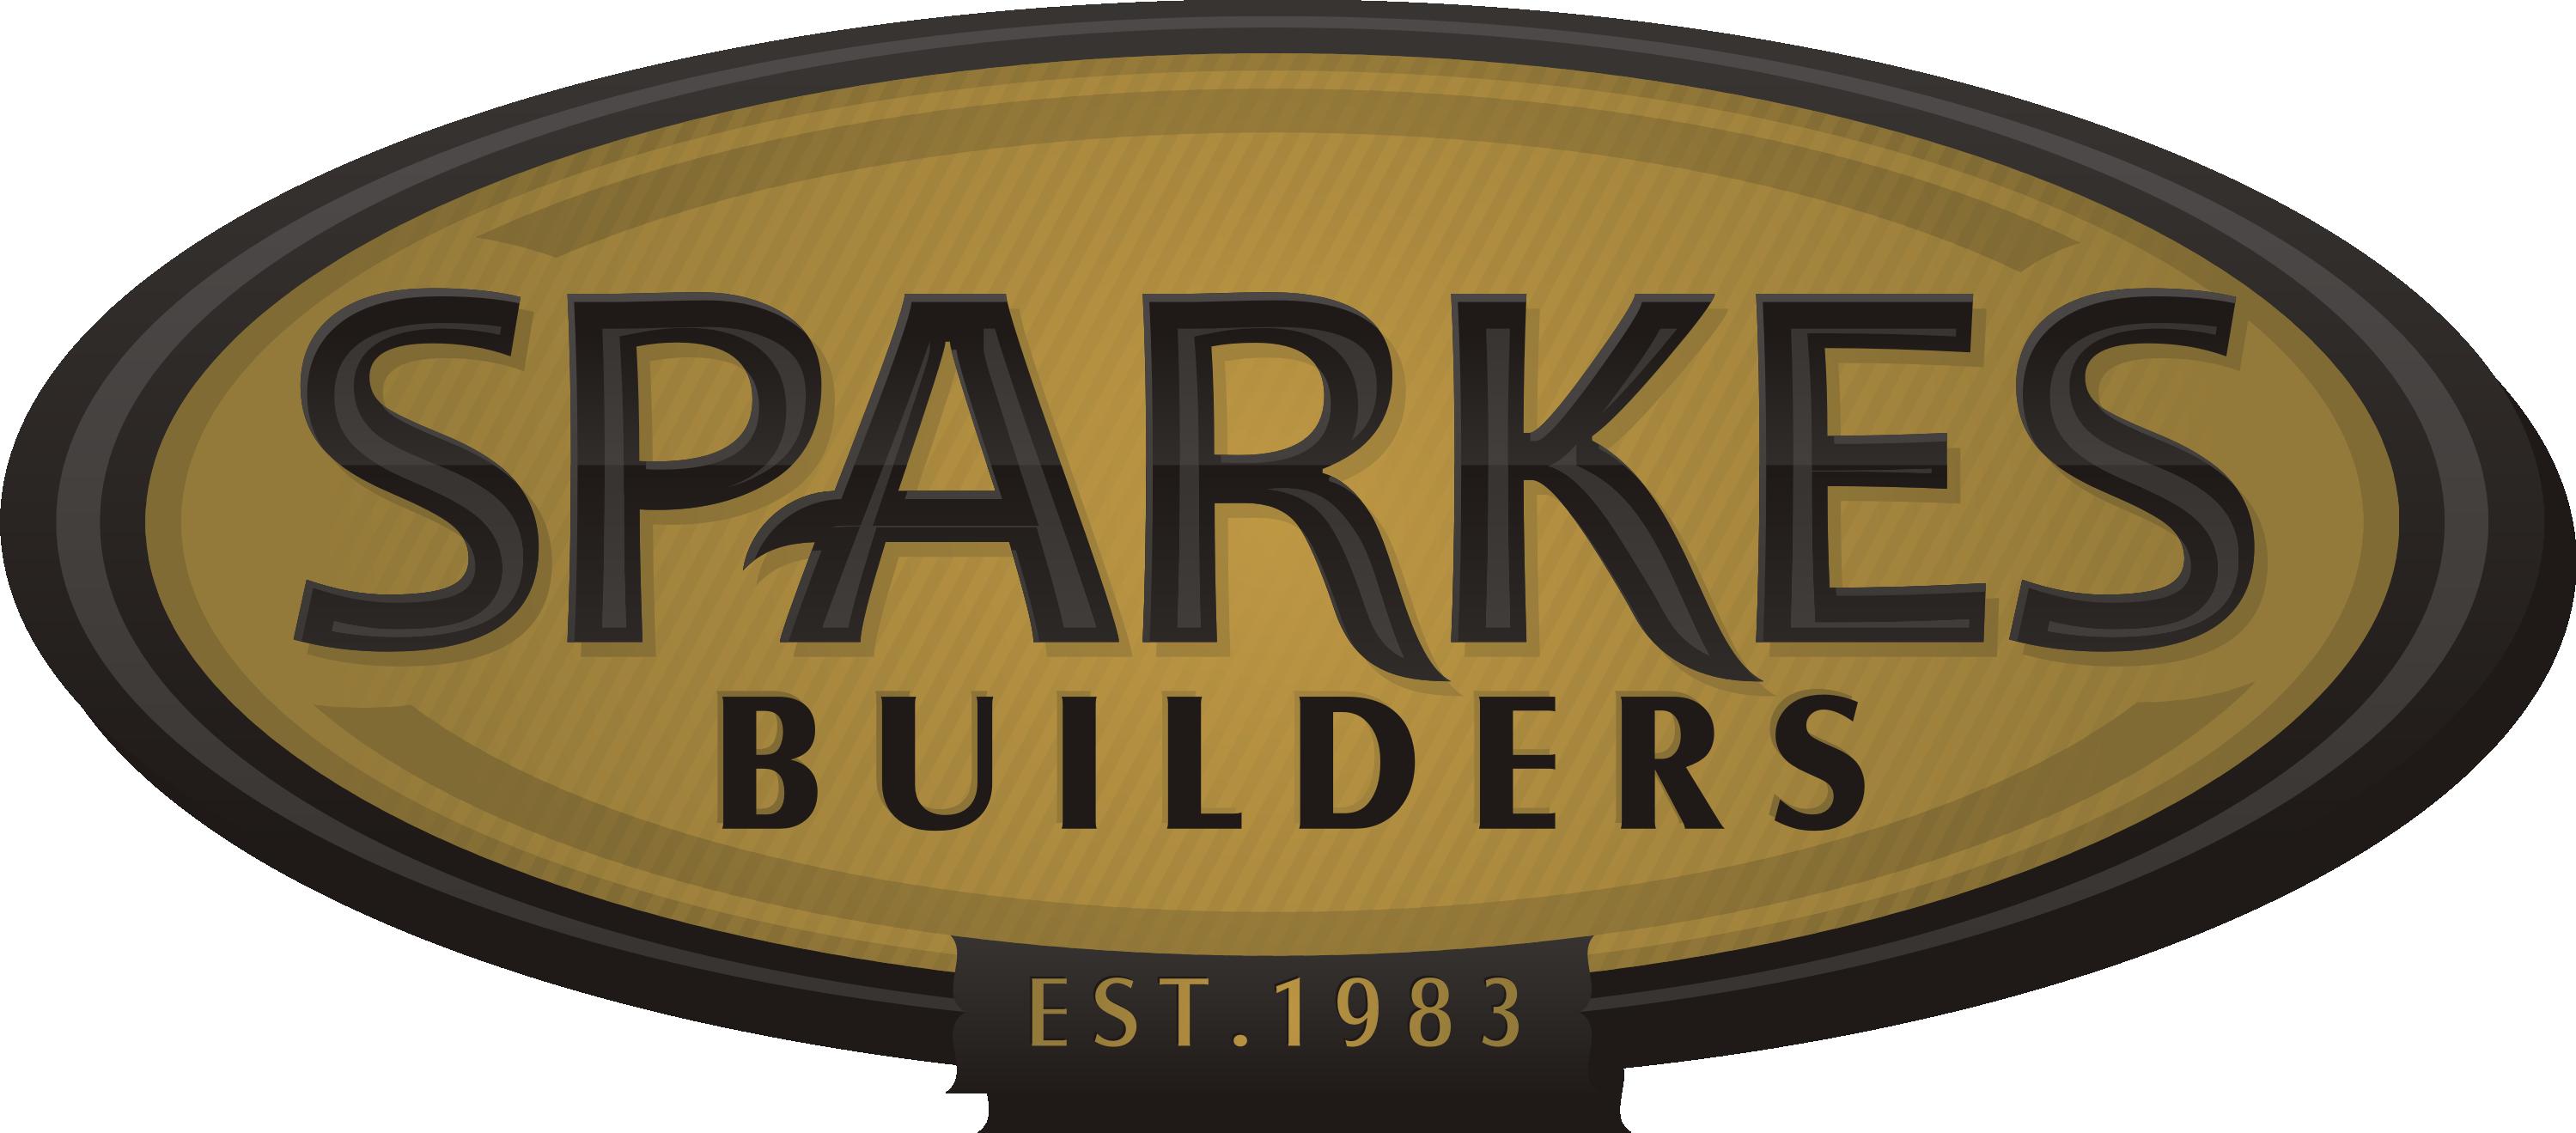 Sparkes Builders